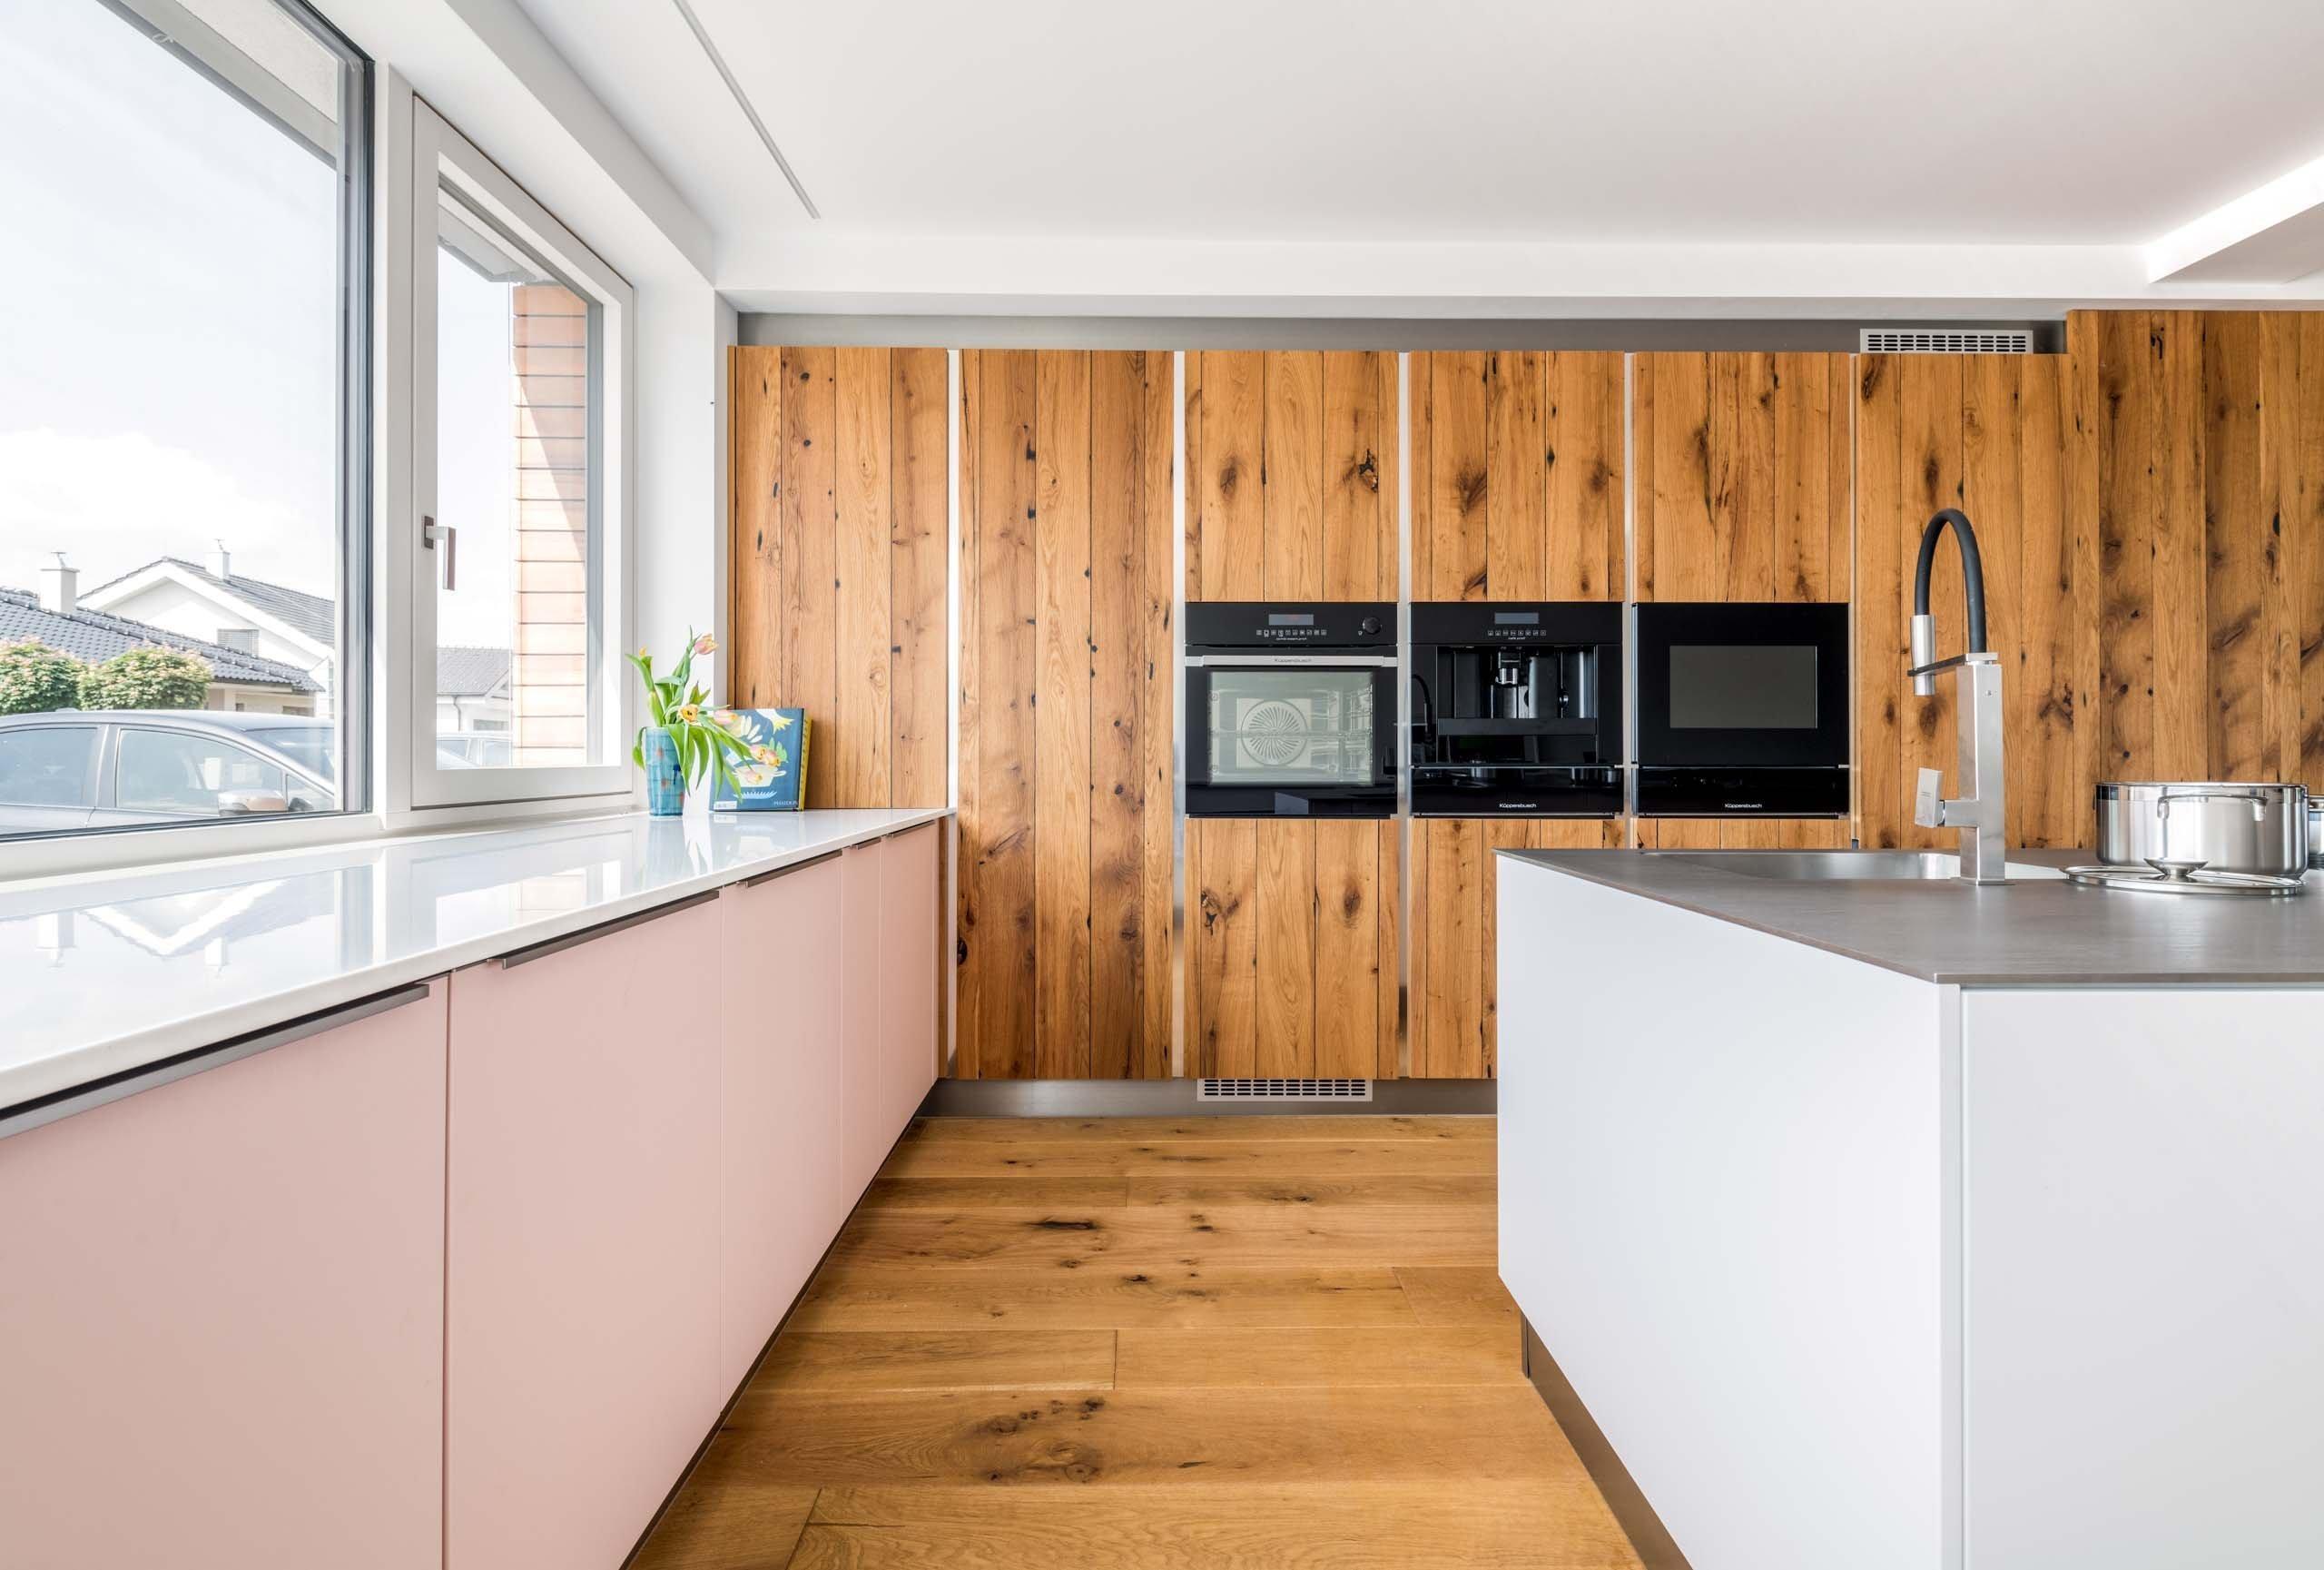 TOP EVERMATT | DUB STARÝ PŘÍRODNÍ SHOWROOM. PŘÍMO U VÁS DOMA.    Proč by nás zdi měly oddělovat od přírody? V této kuchyňské sestavě se venkovní…